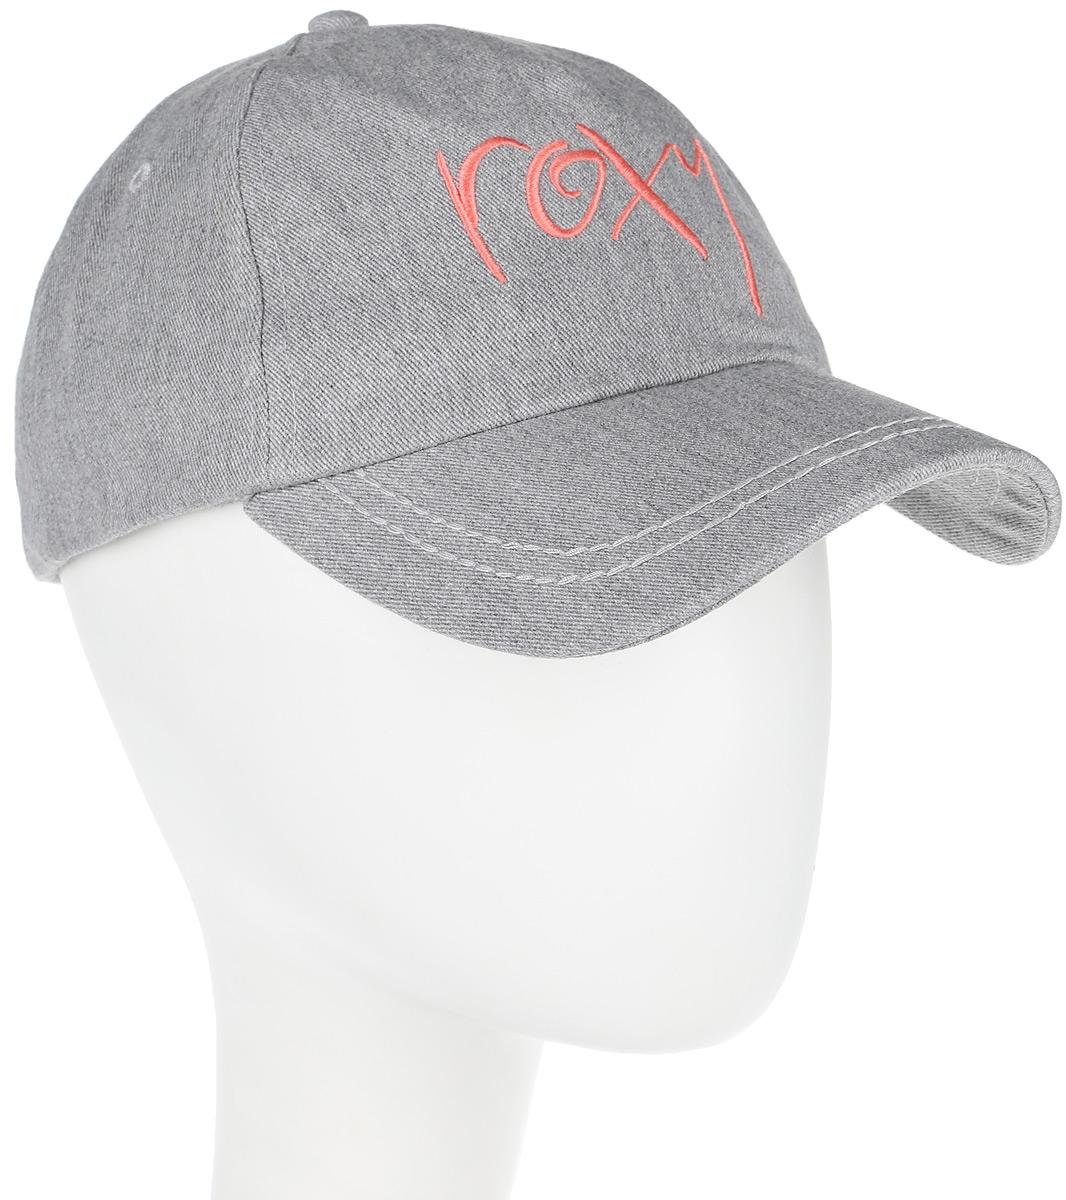 Бейсболка женская Roxy Extra Innings, цвет: серый. ERJHA03225-SGRH. Размер универсальныйERJHA03225-SGRH